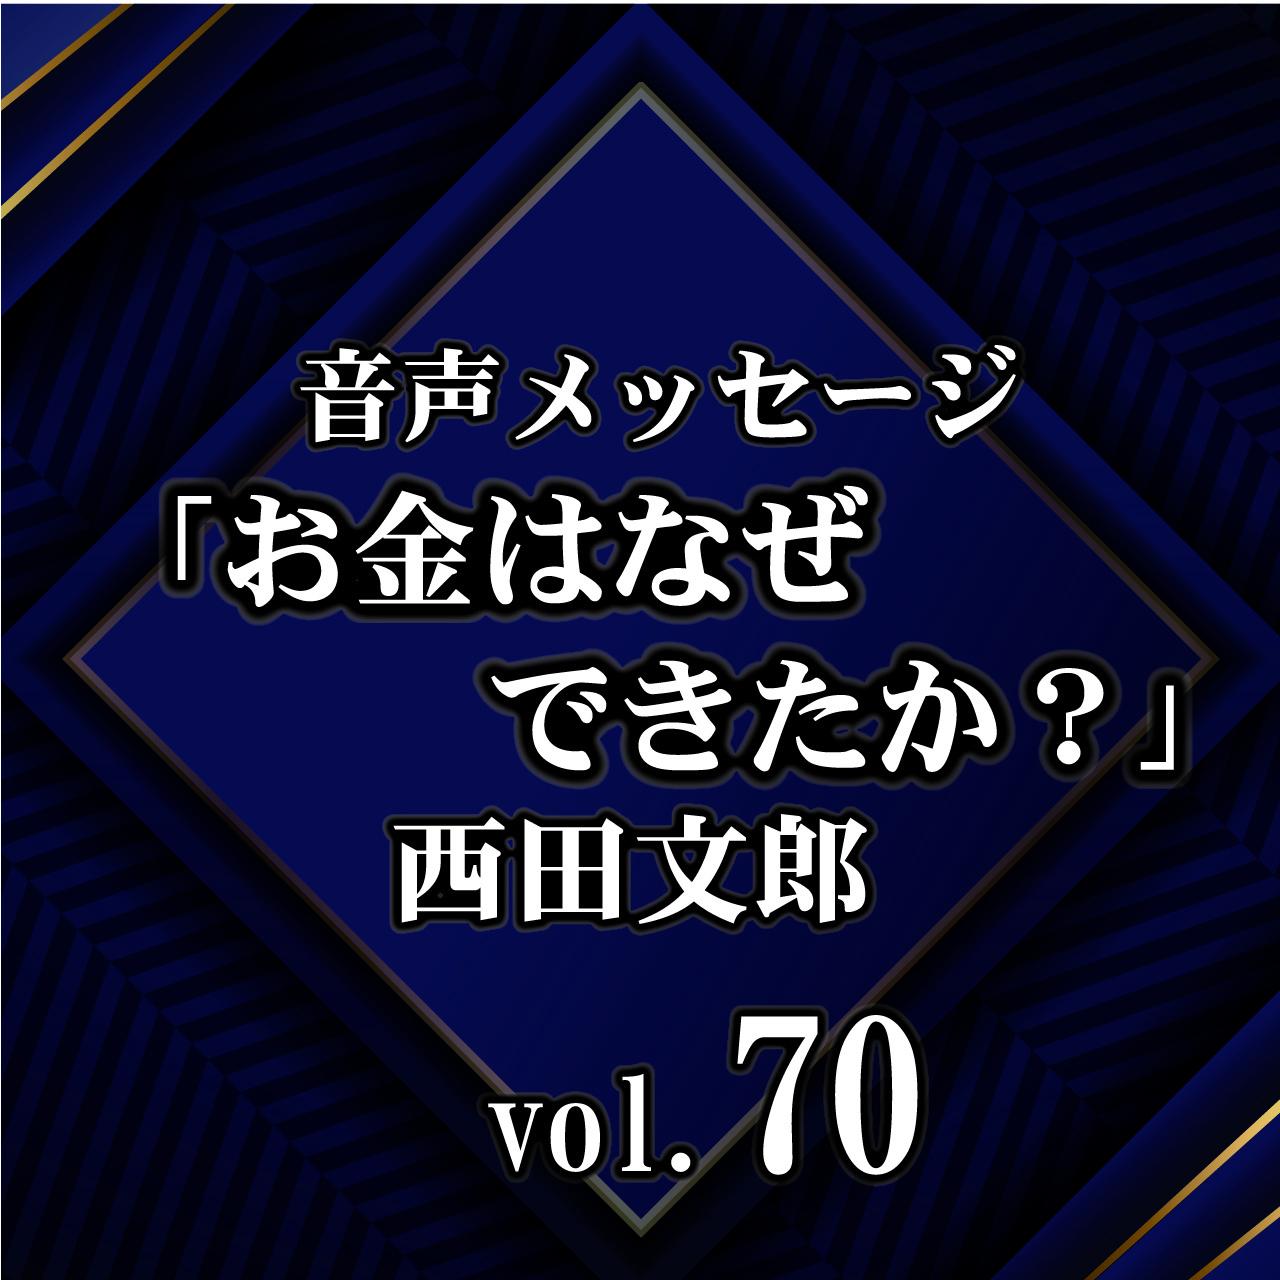 西田文郎 音声メッセージvol.70『お金はなぜできたか?』